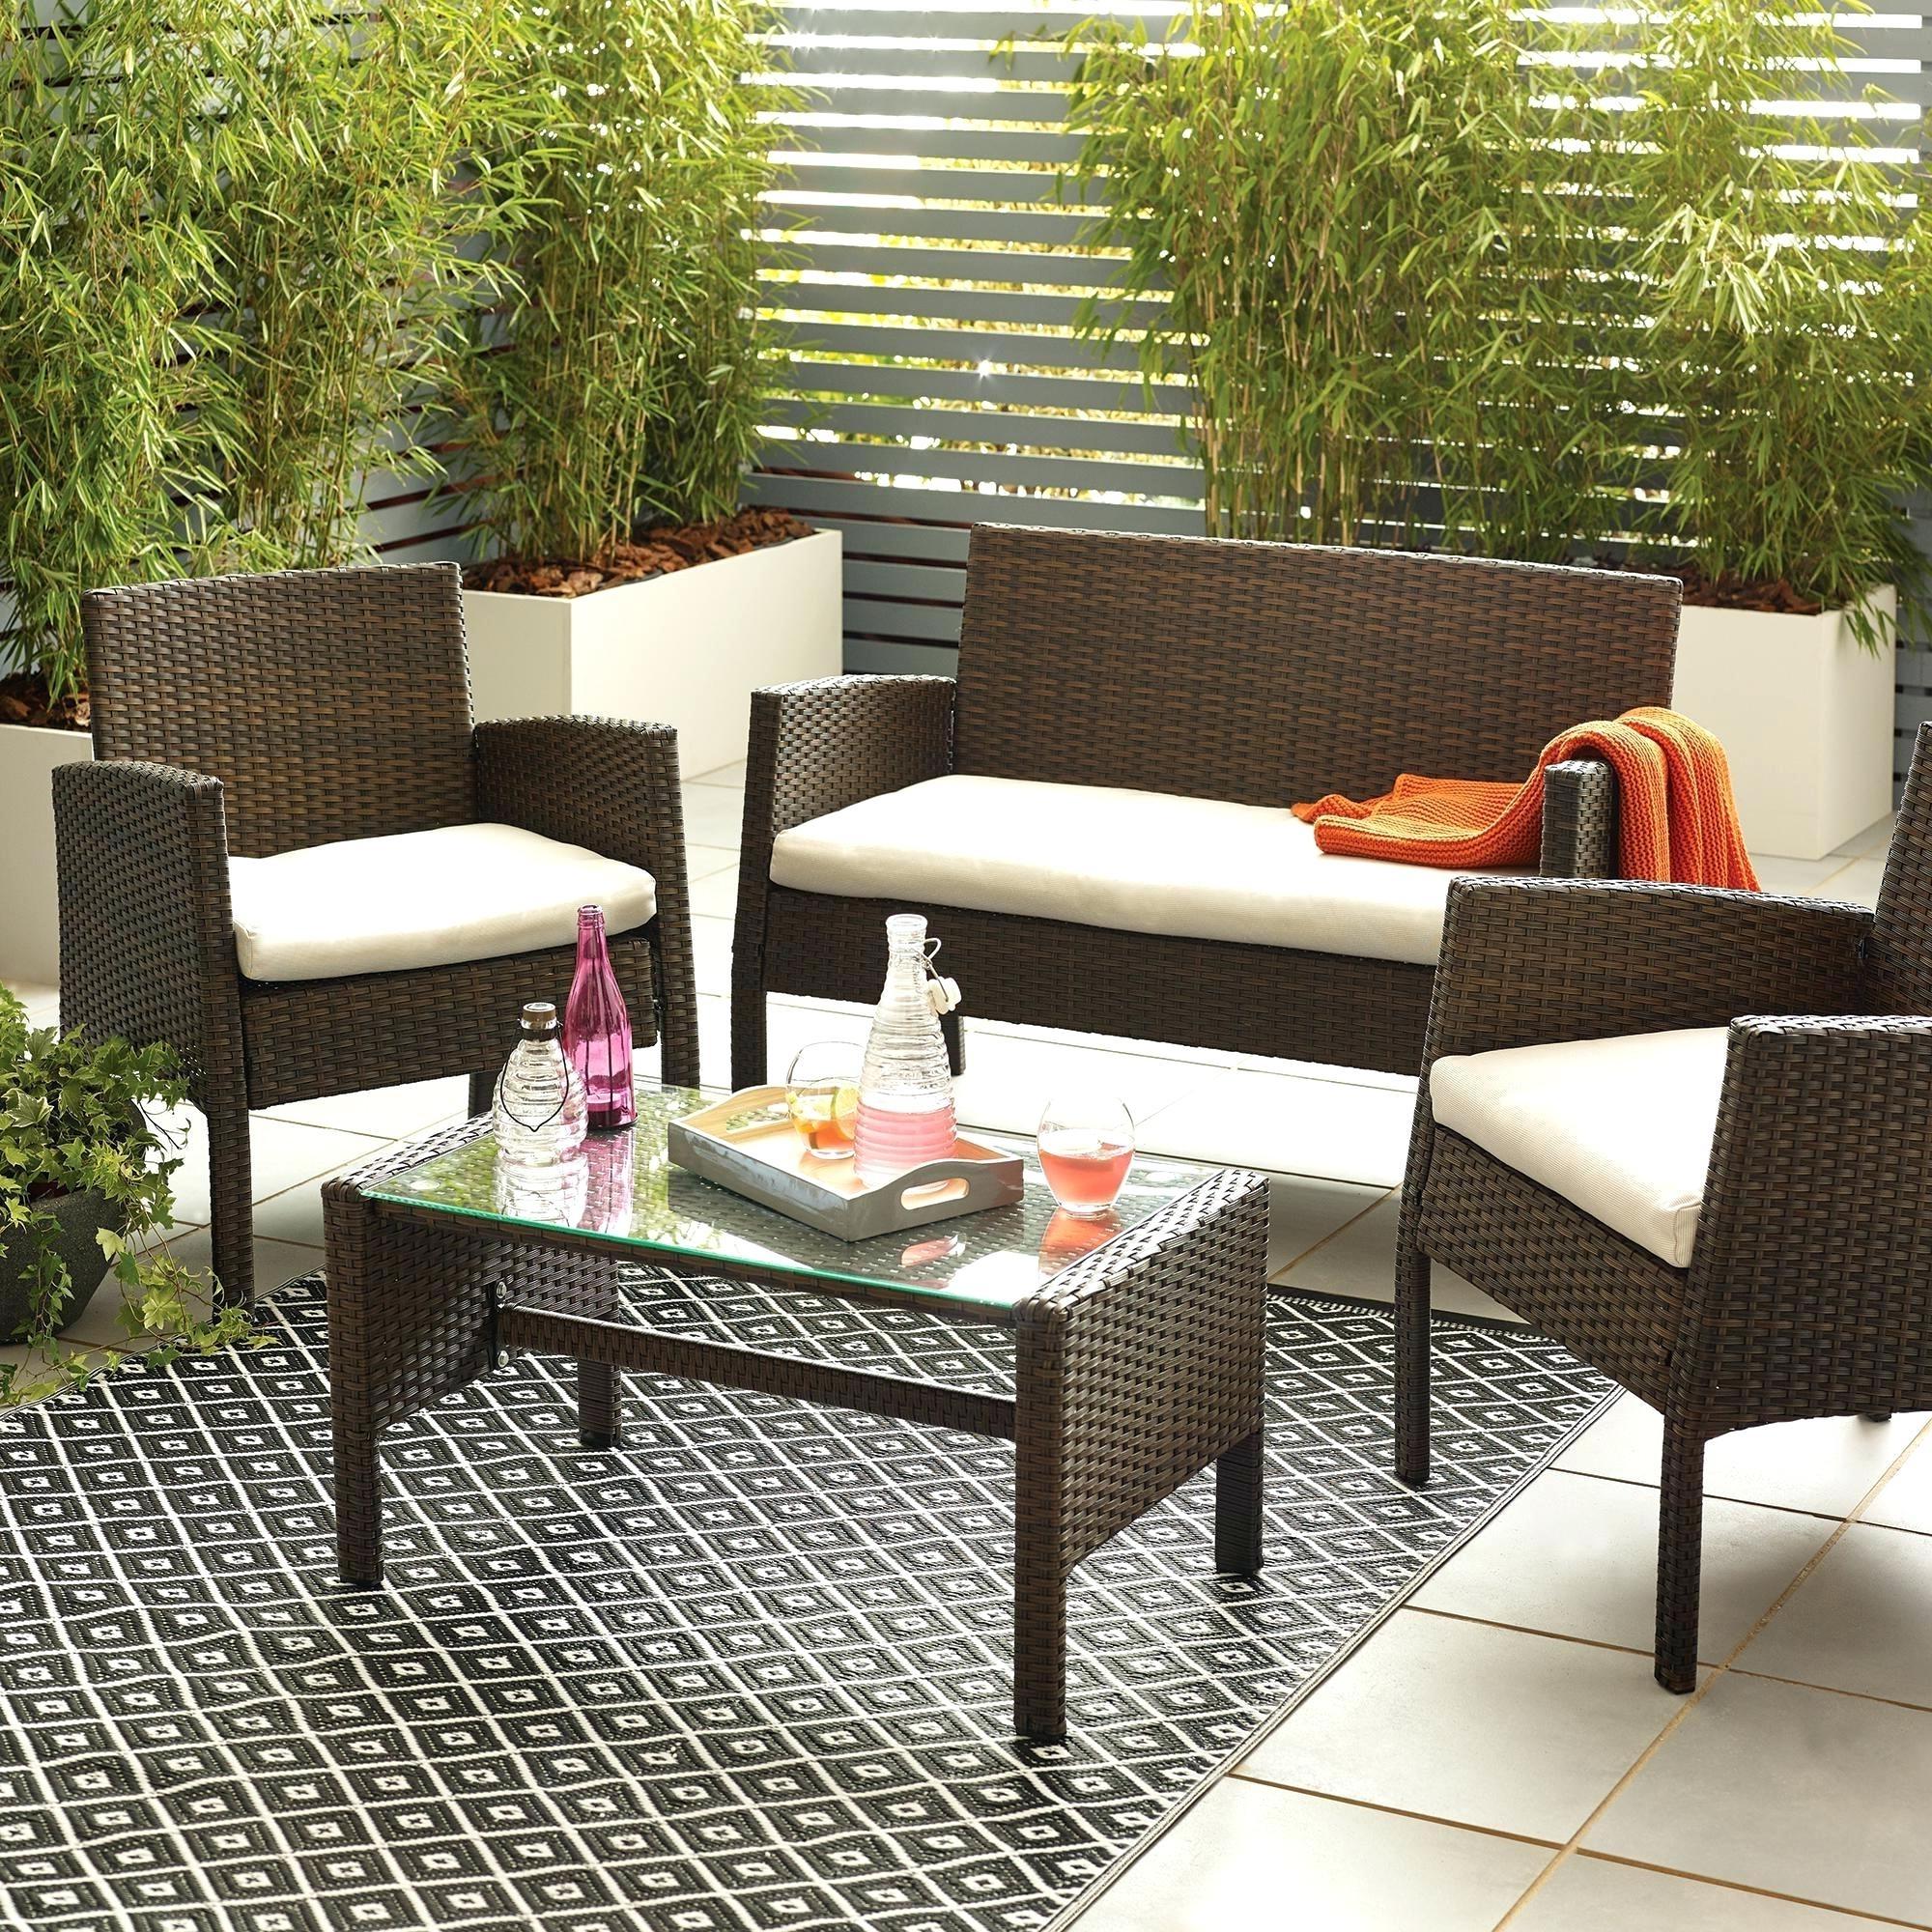 Recent Lowes Patio Furniture Conversation Sets Throughout Outdoor Furniture Conversation Sets Brown 4 Seat Conversation Set (View 6 of 20)